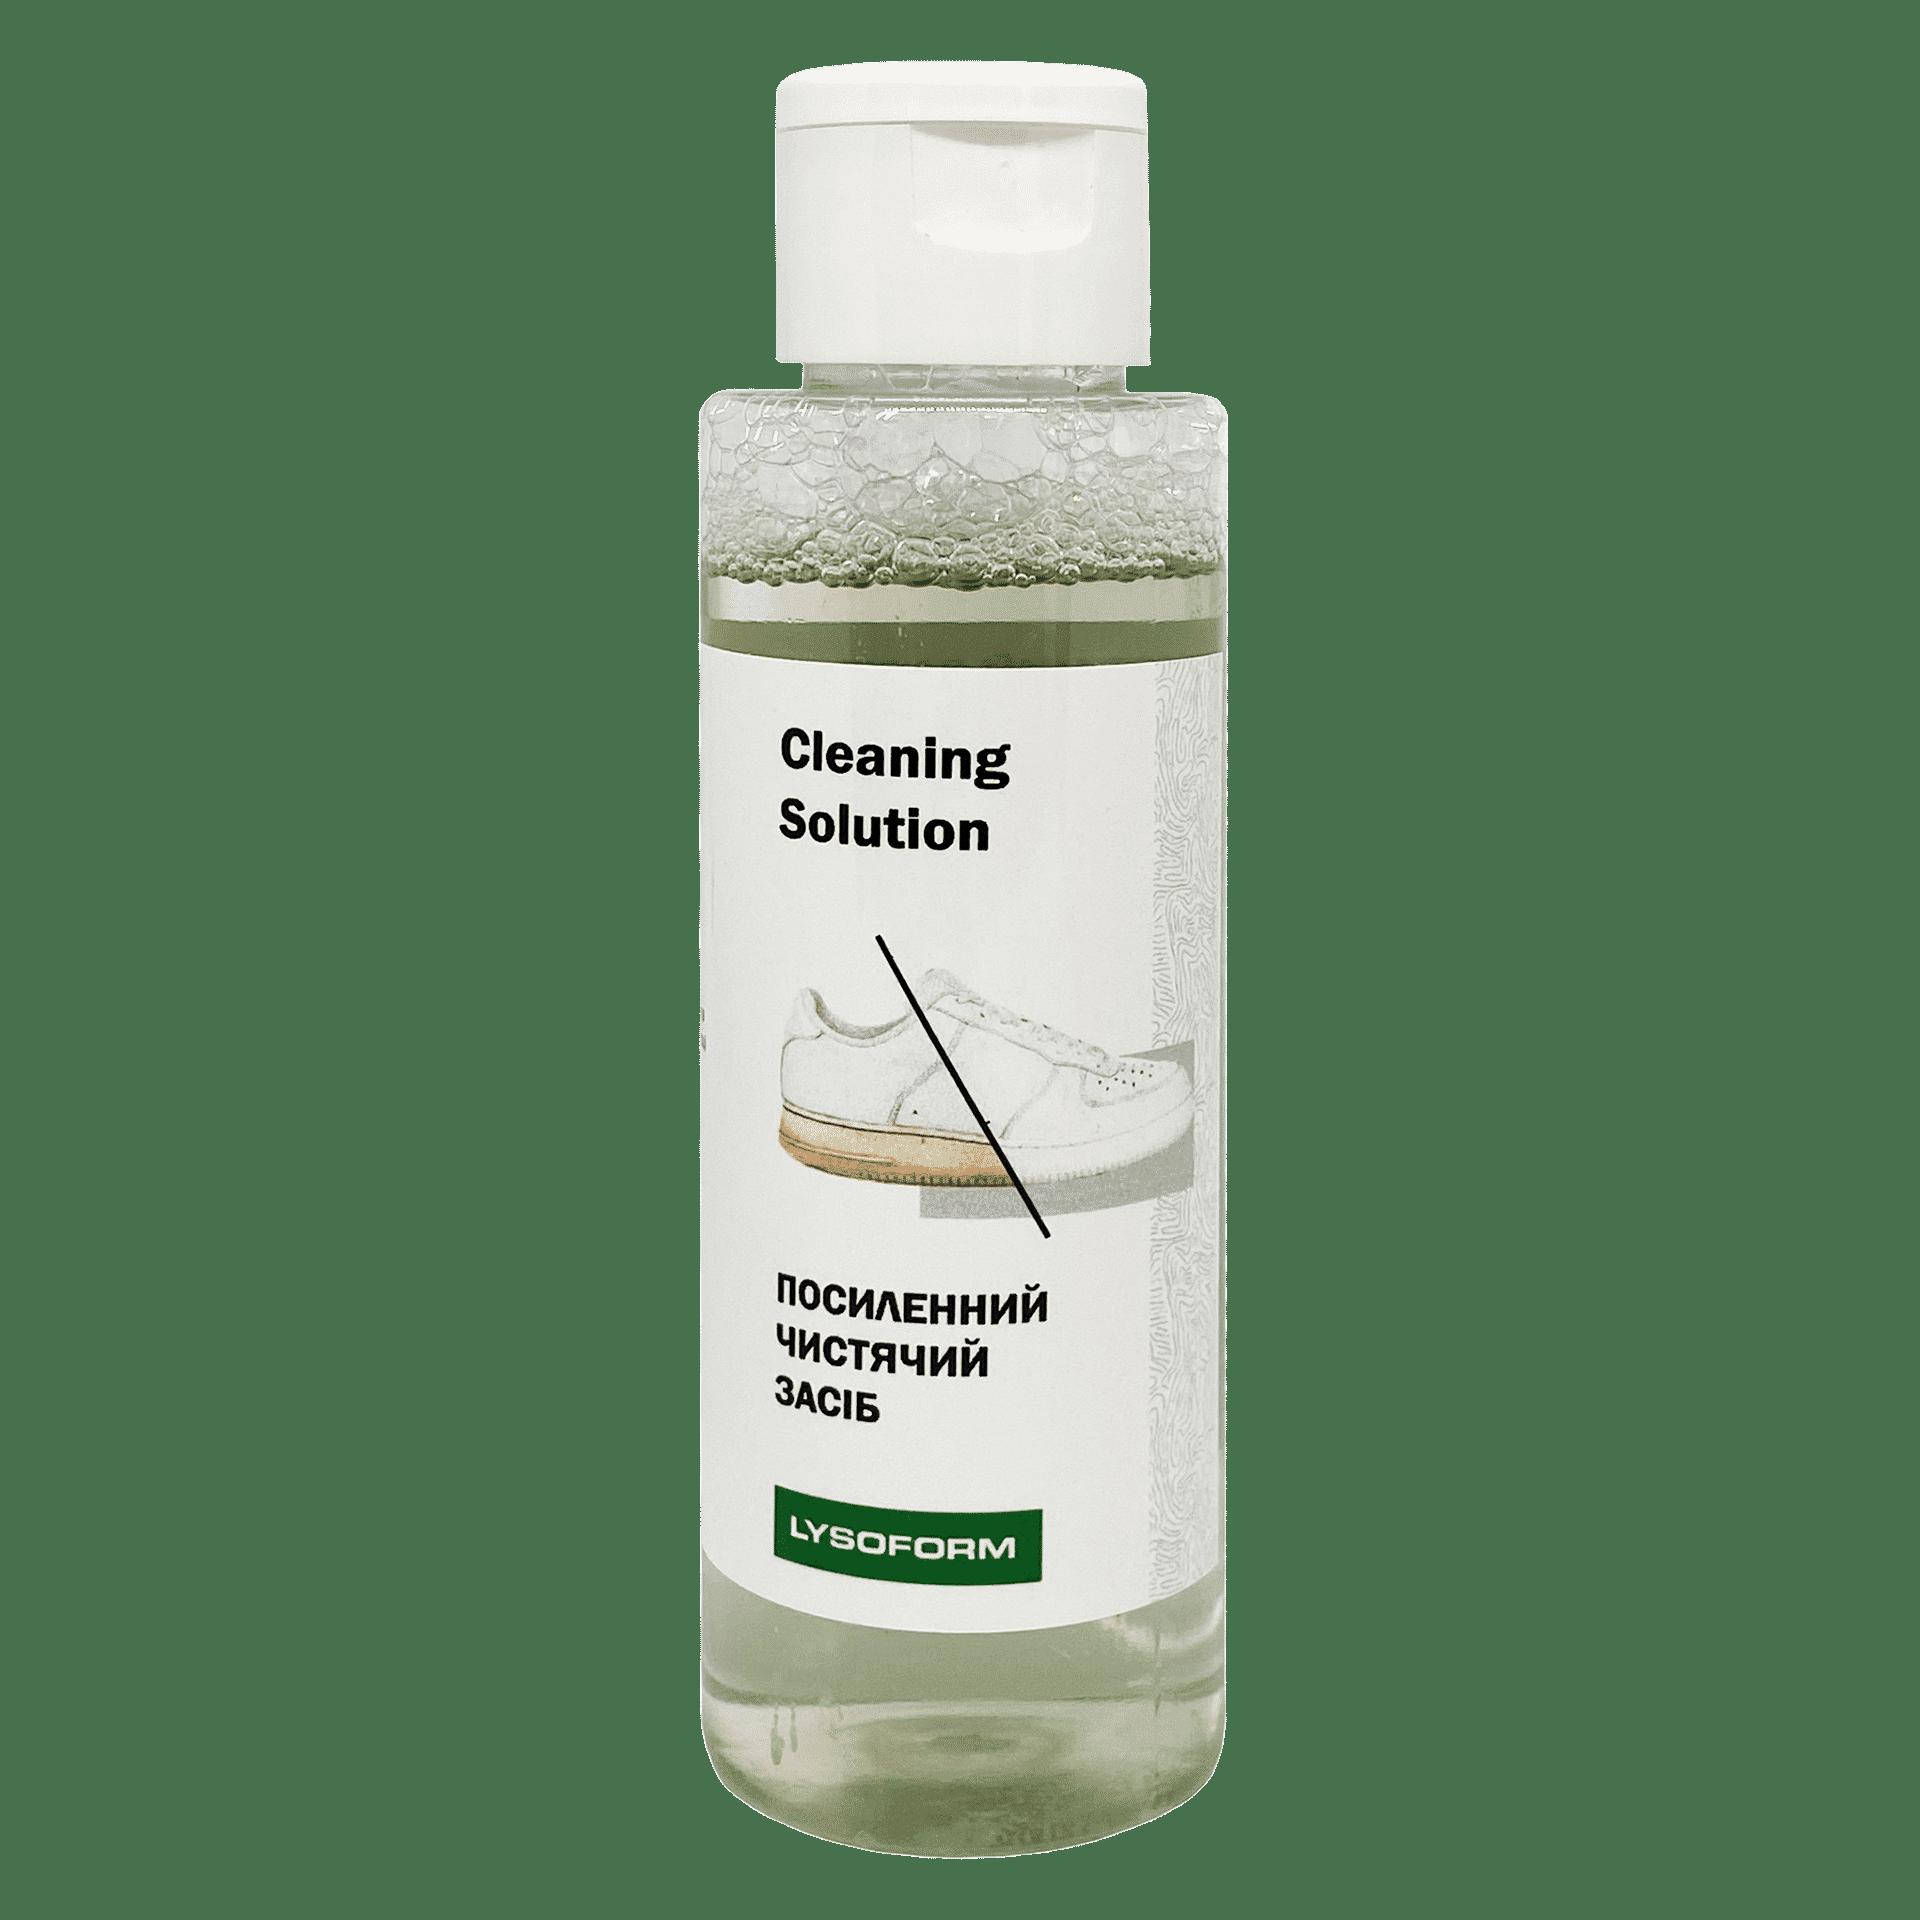 Посиленний чистячий засіб Cleaning Solution, 100мл